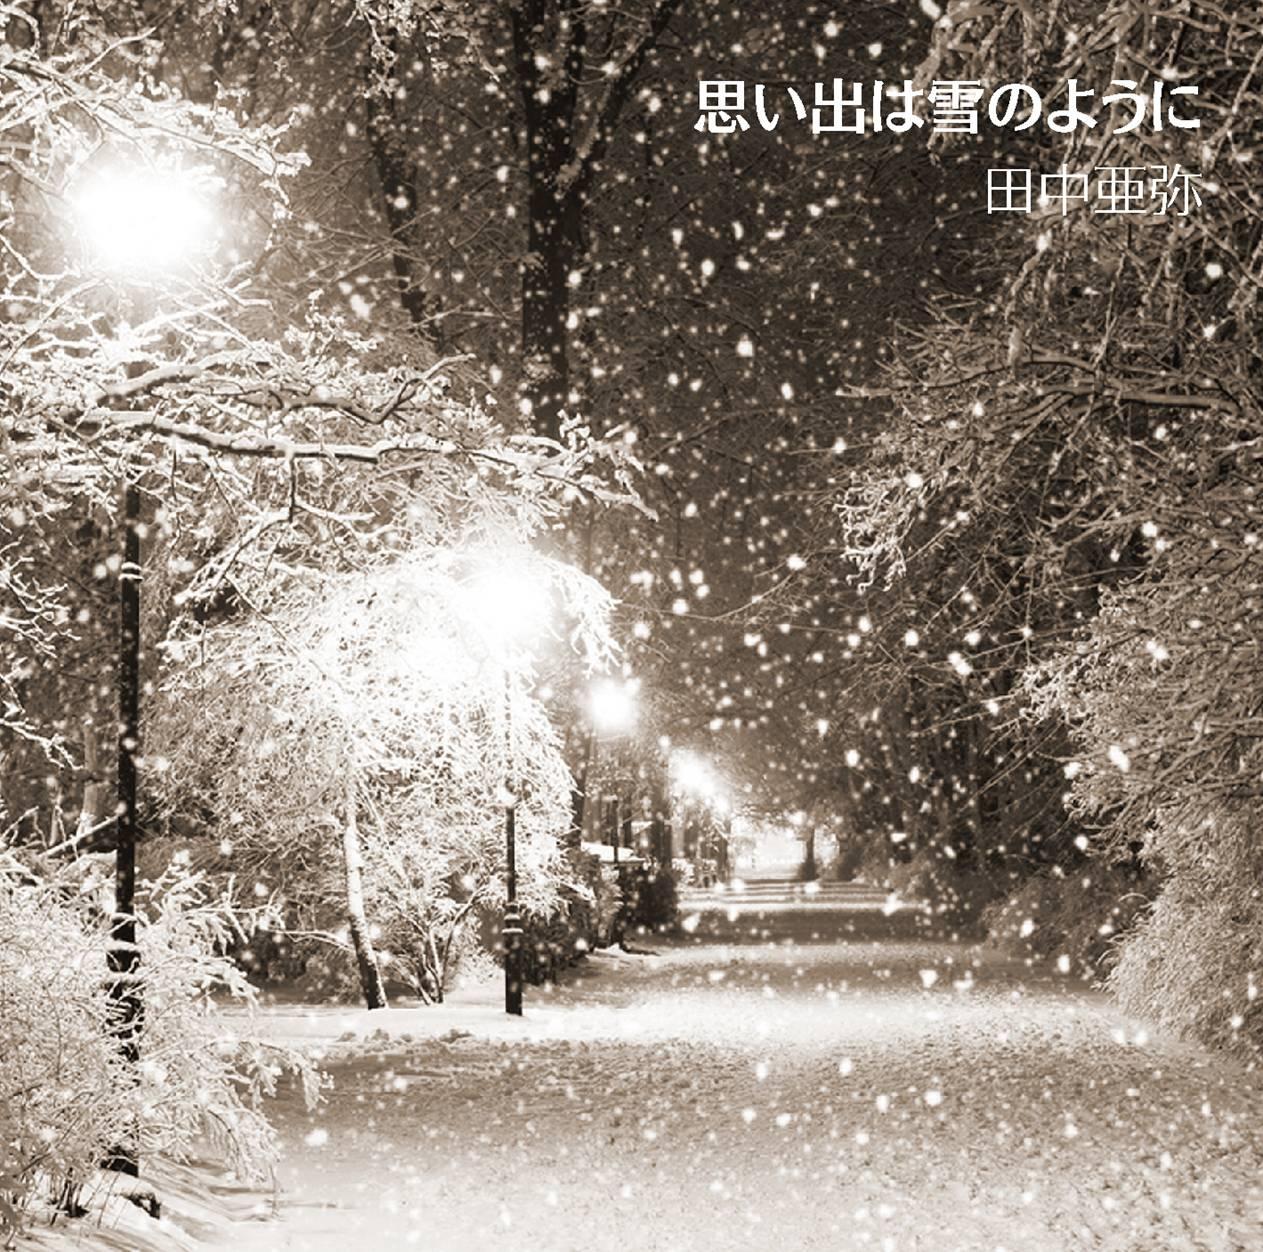 思い出は雪のように